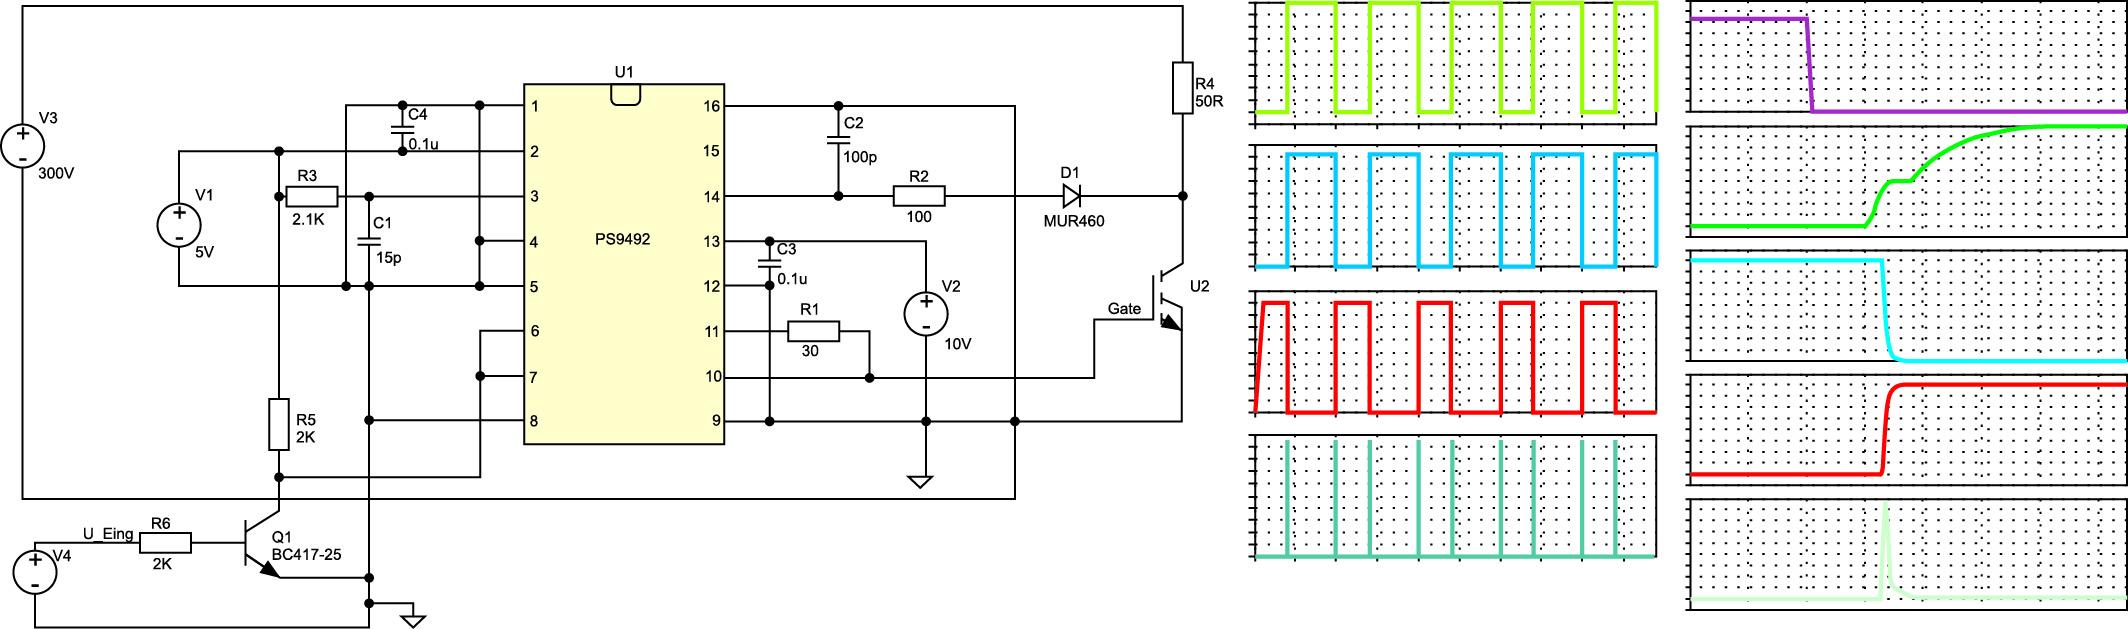 Пример моделирования схемы (содержащей оптопару, интегральную схему управления IGBT и сам IGBT) с формами сигналов во временной области и частотными характеристиками